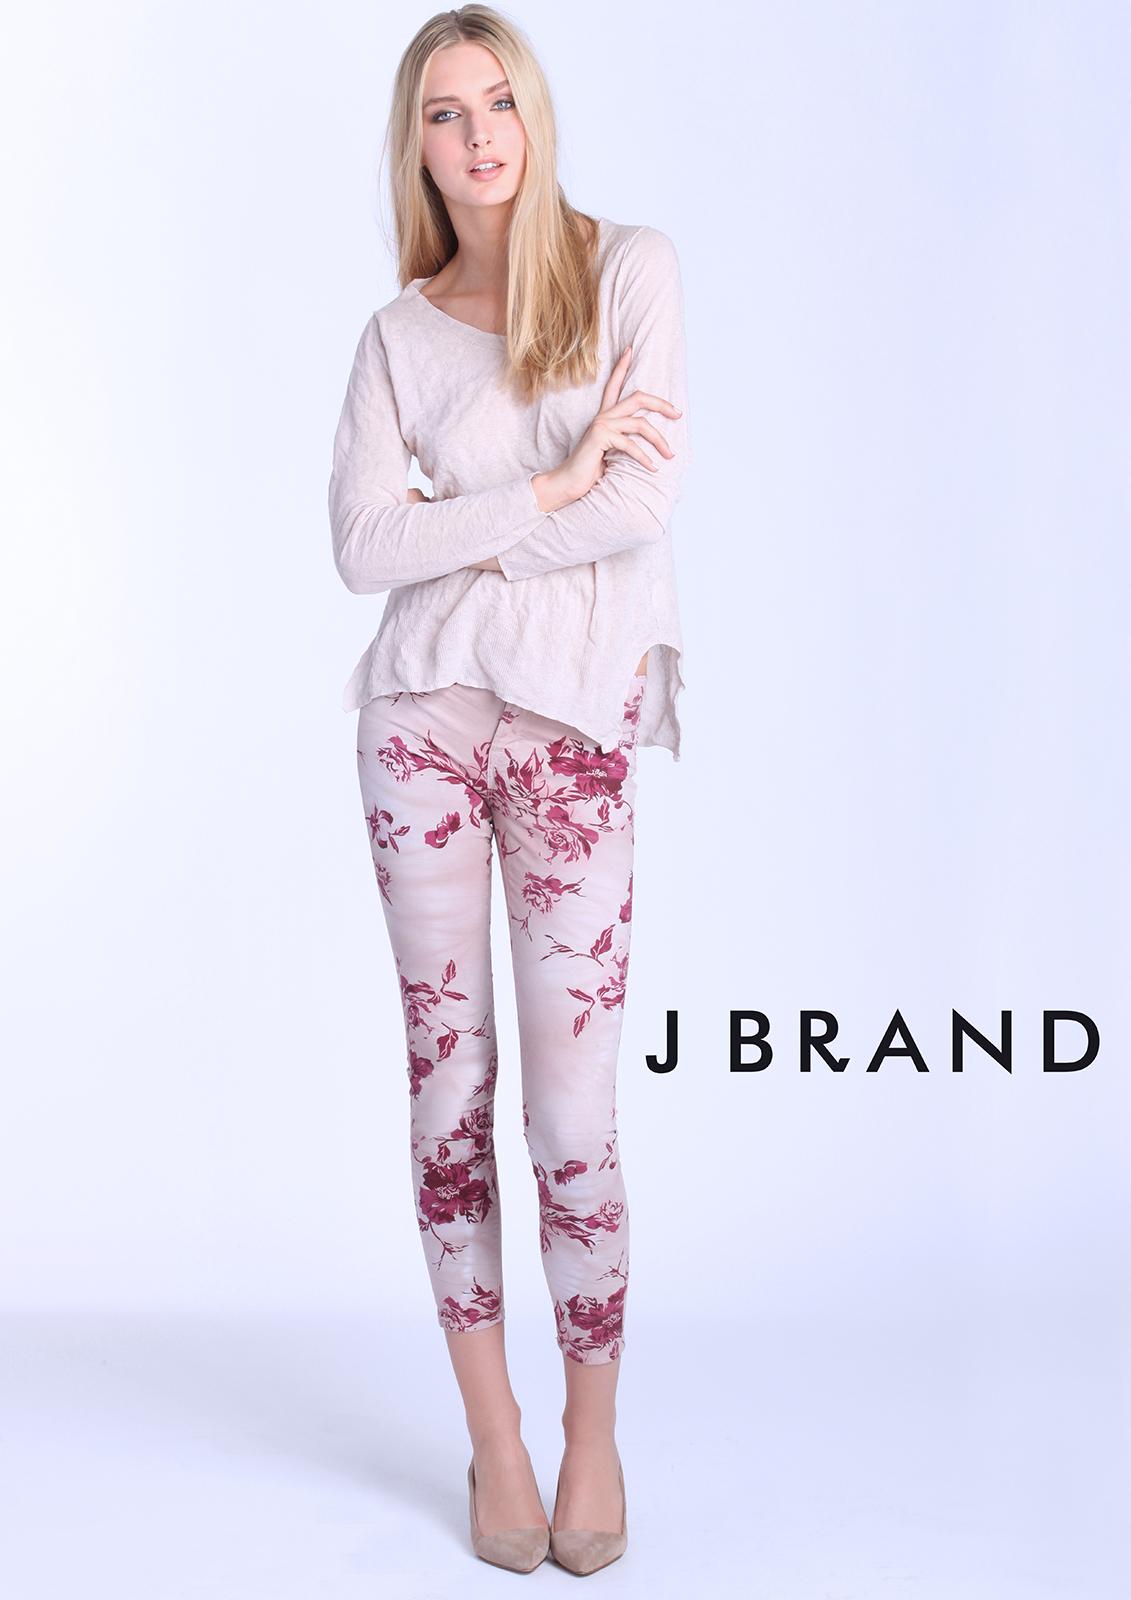 Jbrand 04